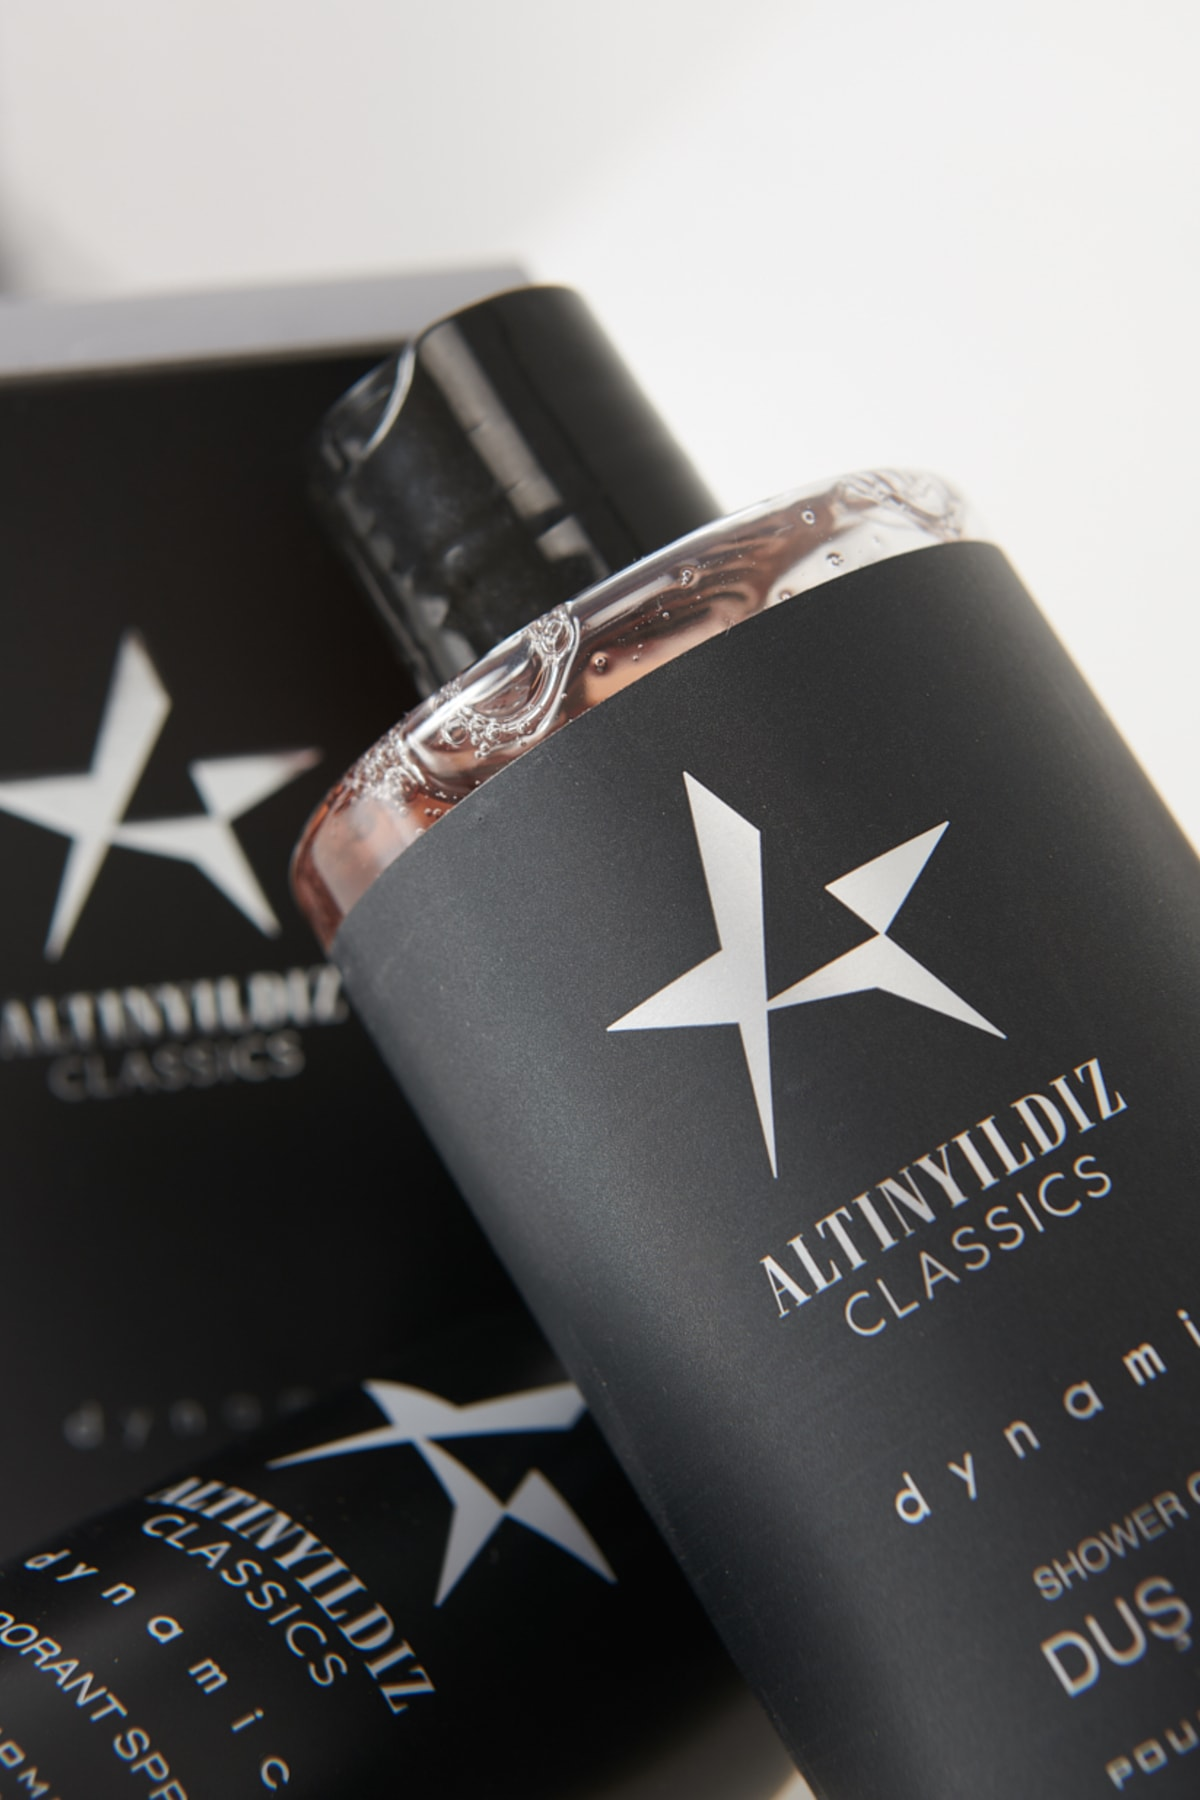 ALTINYILDIZ CLASSICS Erkek Siyah Parfüm Deodorant Duş Jeli Kişisel Bakım Seti 2